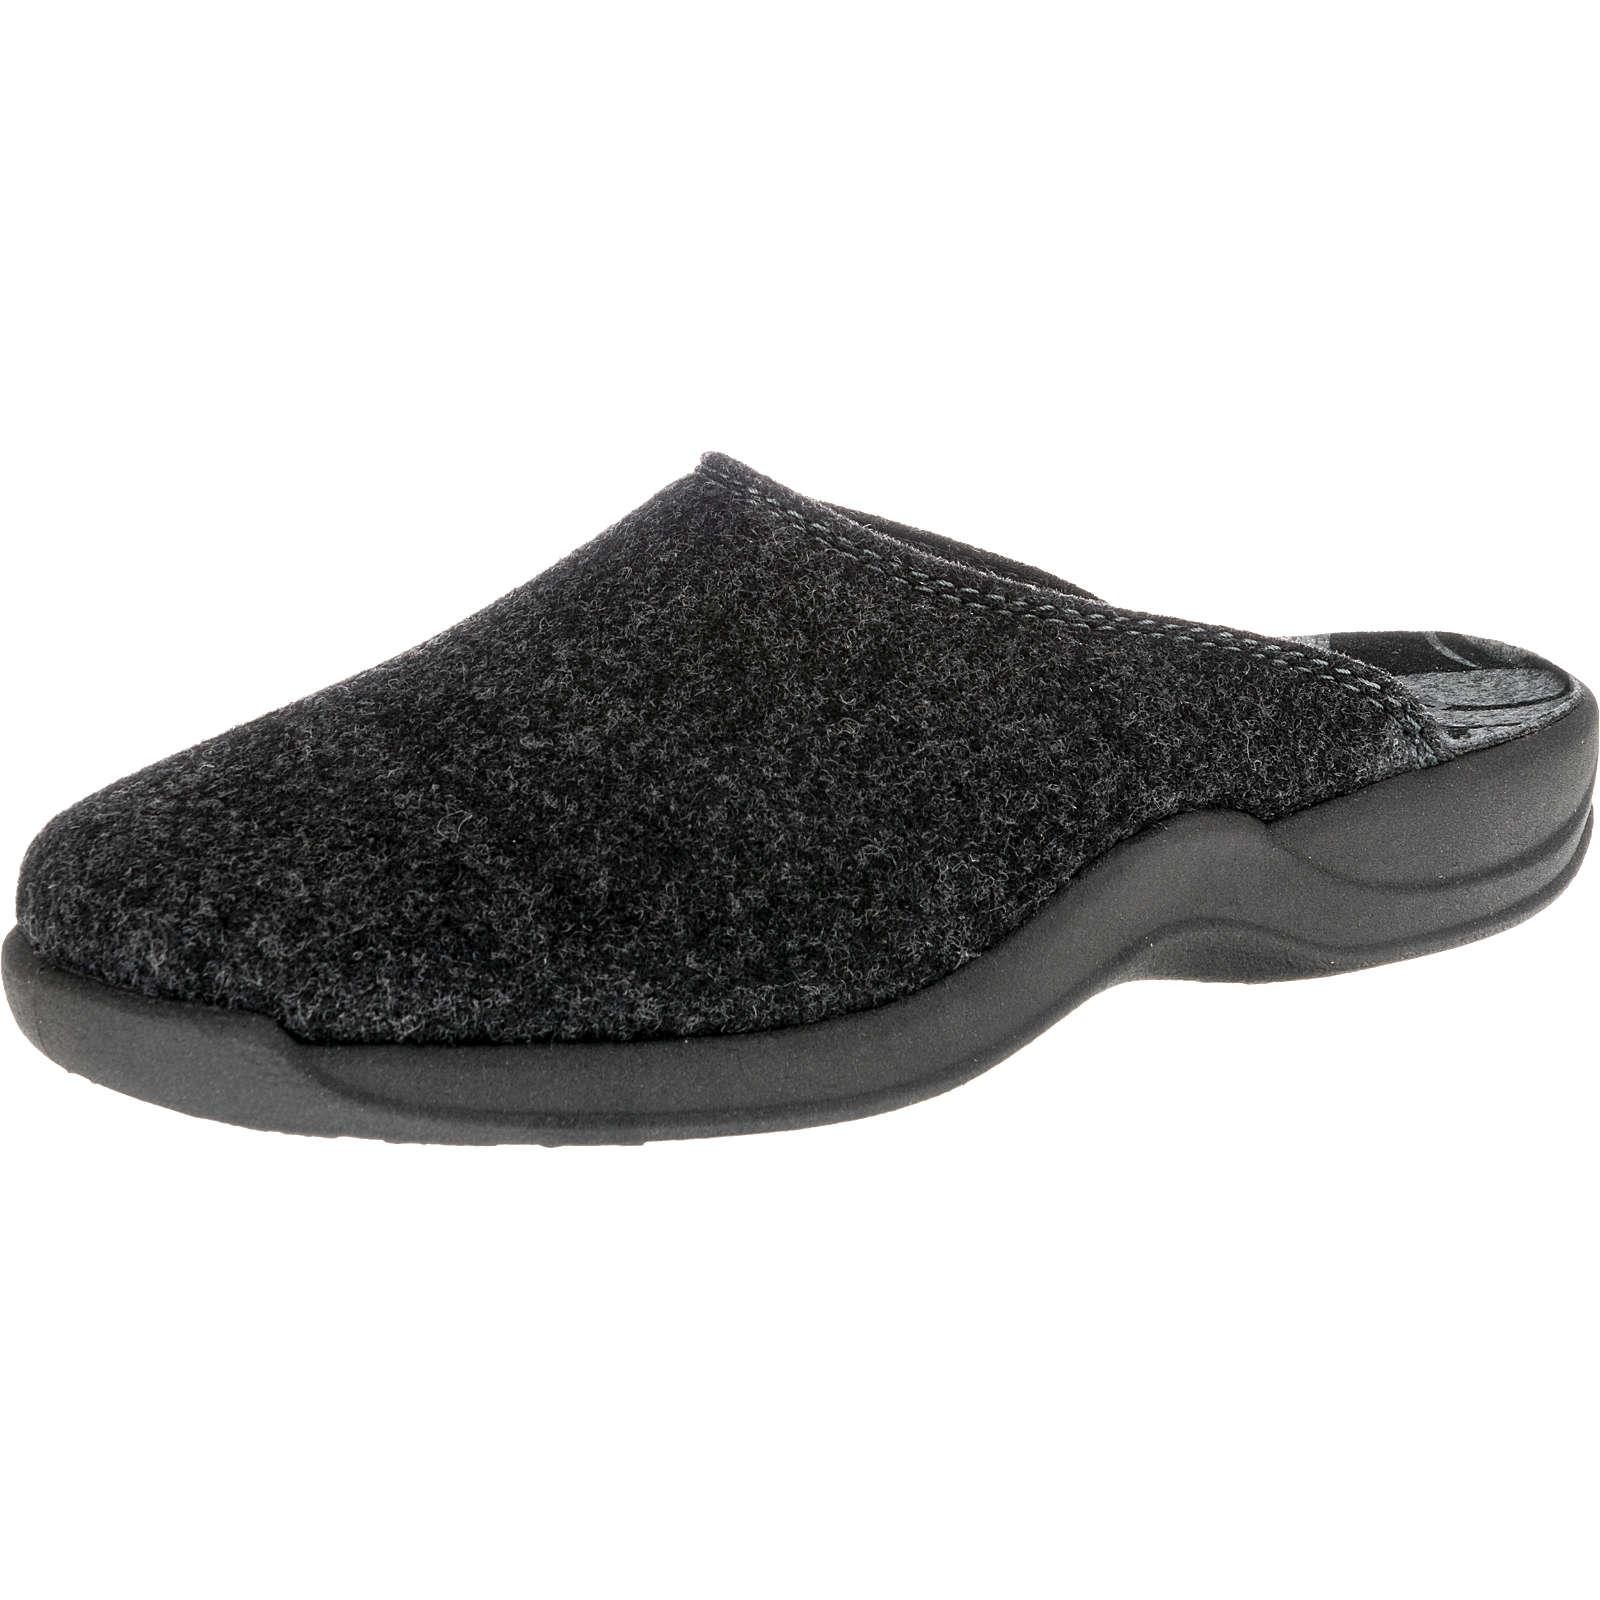 ROHDE Vaasa-D Pantoffeln dunkelgrau Damen Gr. 42